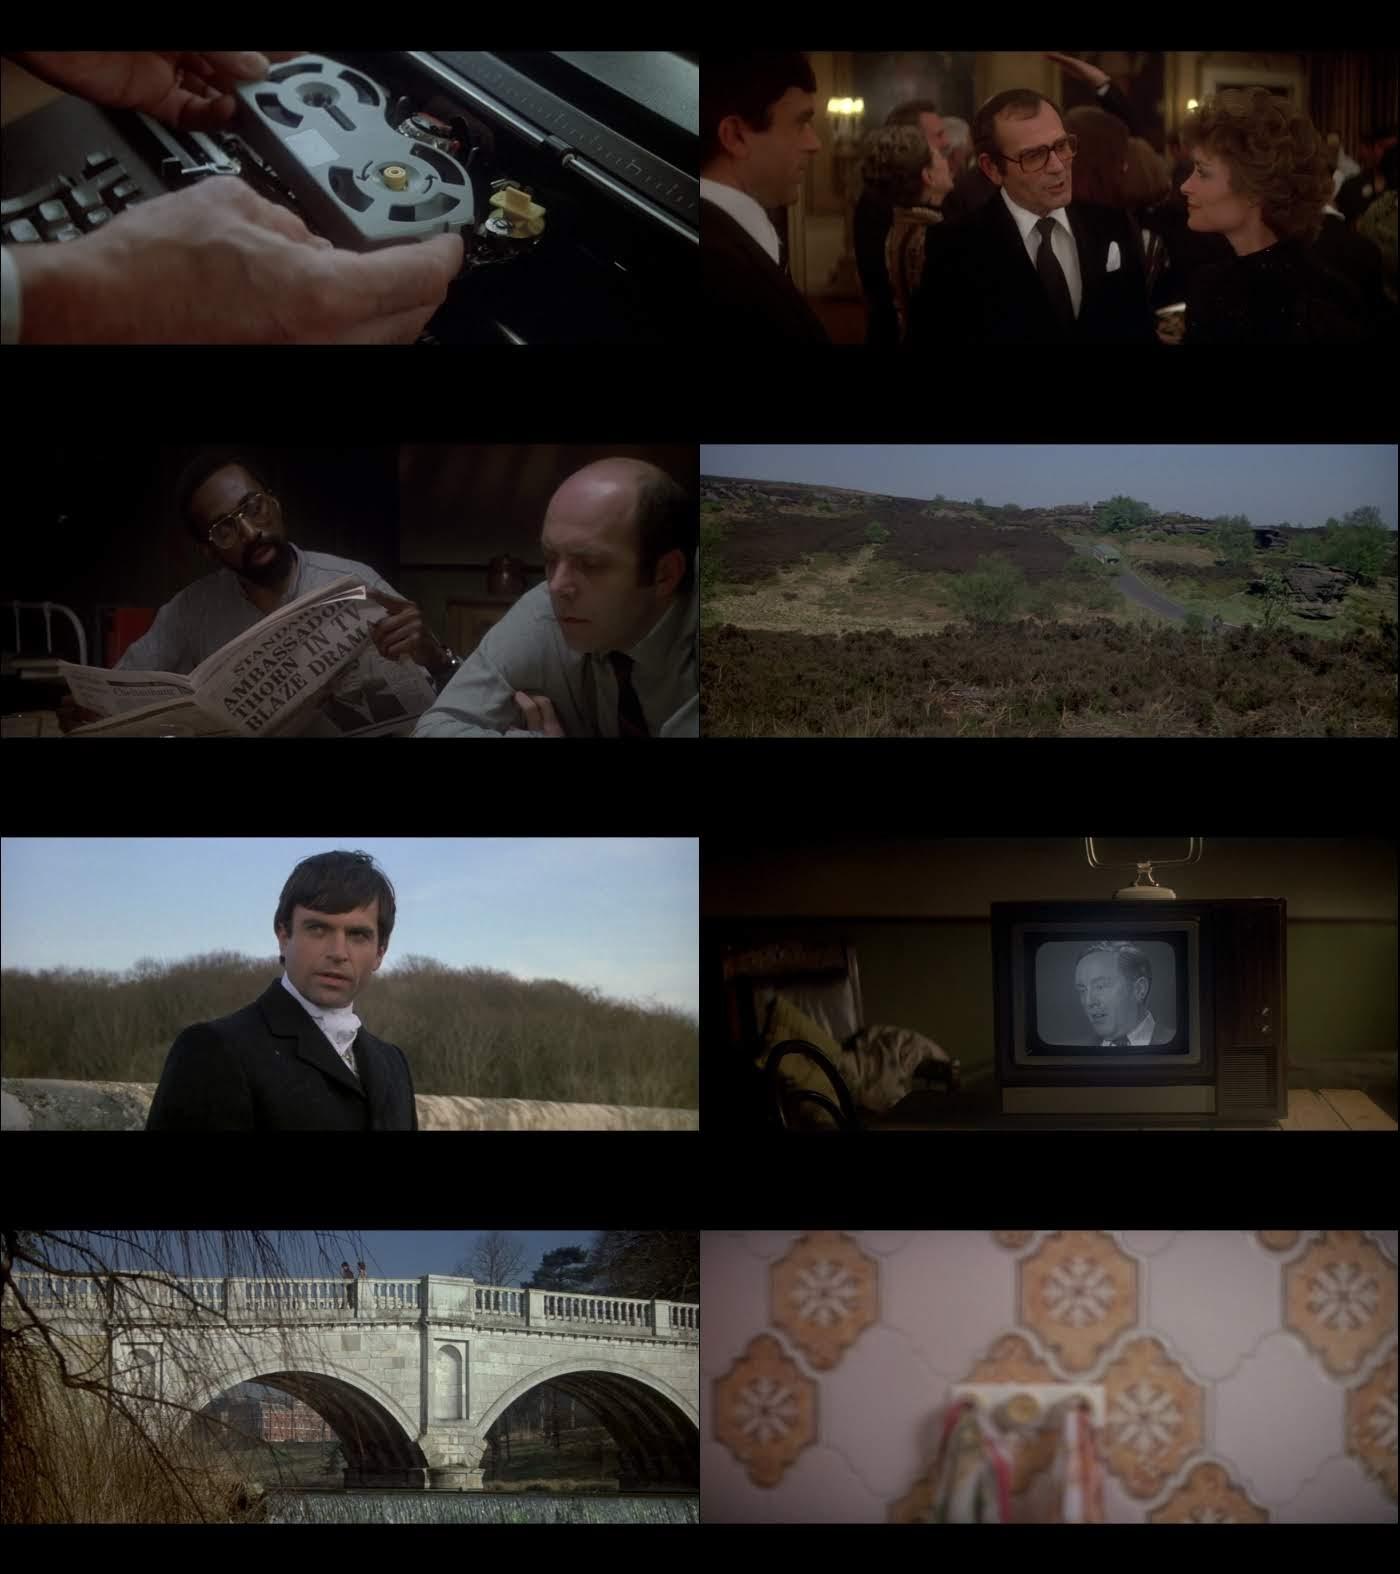 La profecia 3 1080p Latino